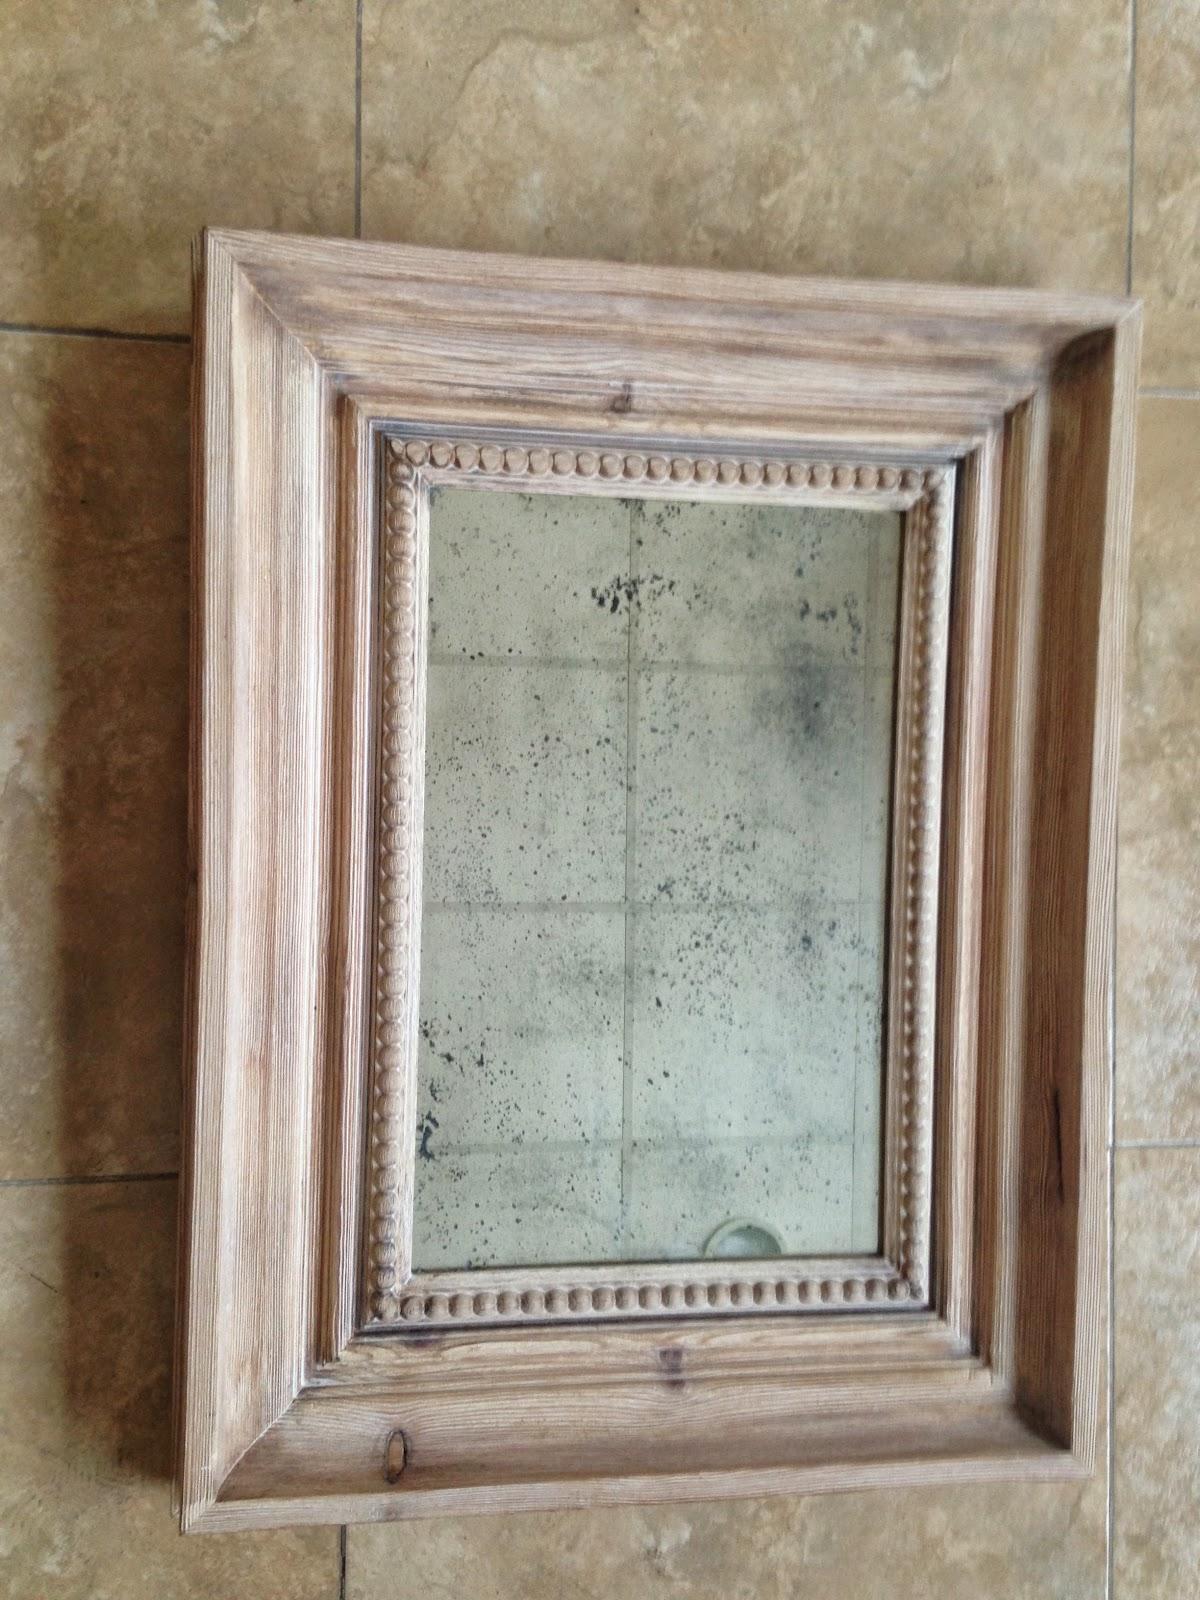 Kino marcos molduras marcos para cuadros enmarcacion for Marcos para espejos artesanales